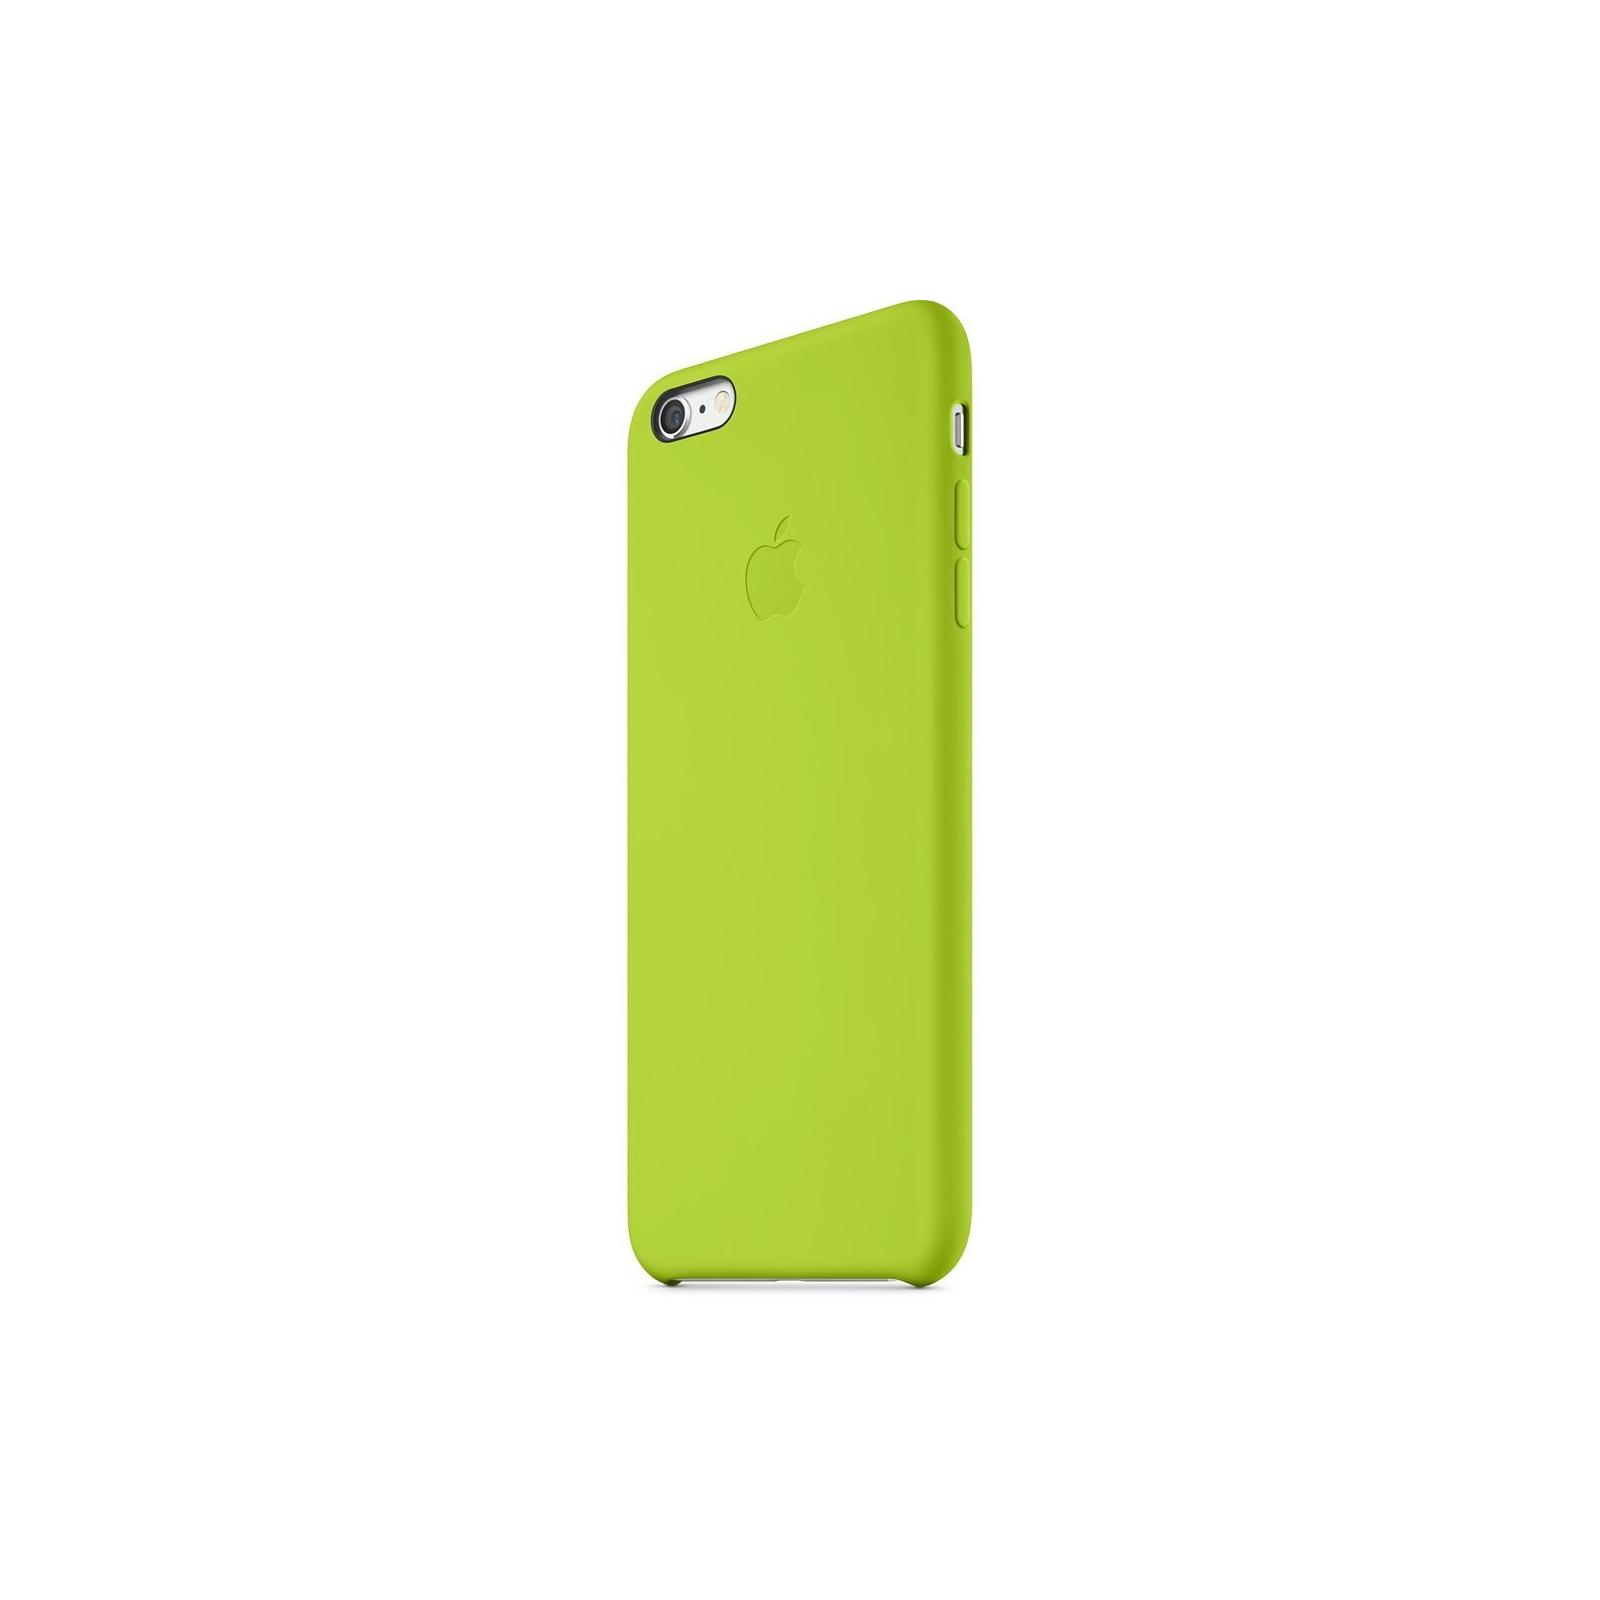 Чехол для моб. телефона Apple для iPhone 6 Plus green (MGXX2ZM/A) изображение 2